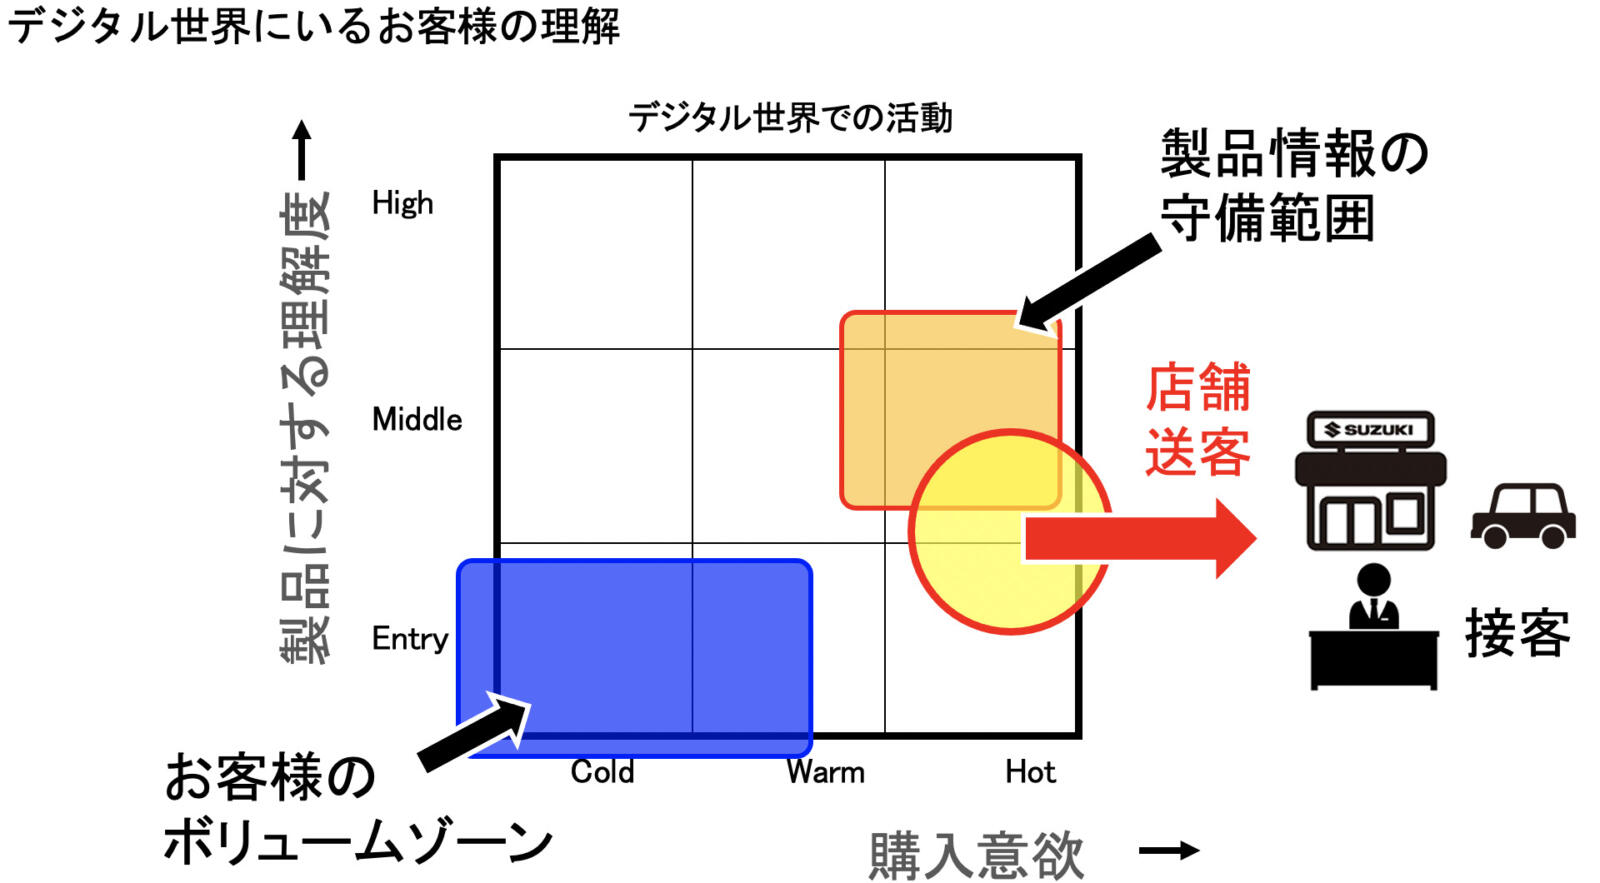 デジタル世界にいるお客様の理解を示した図